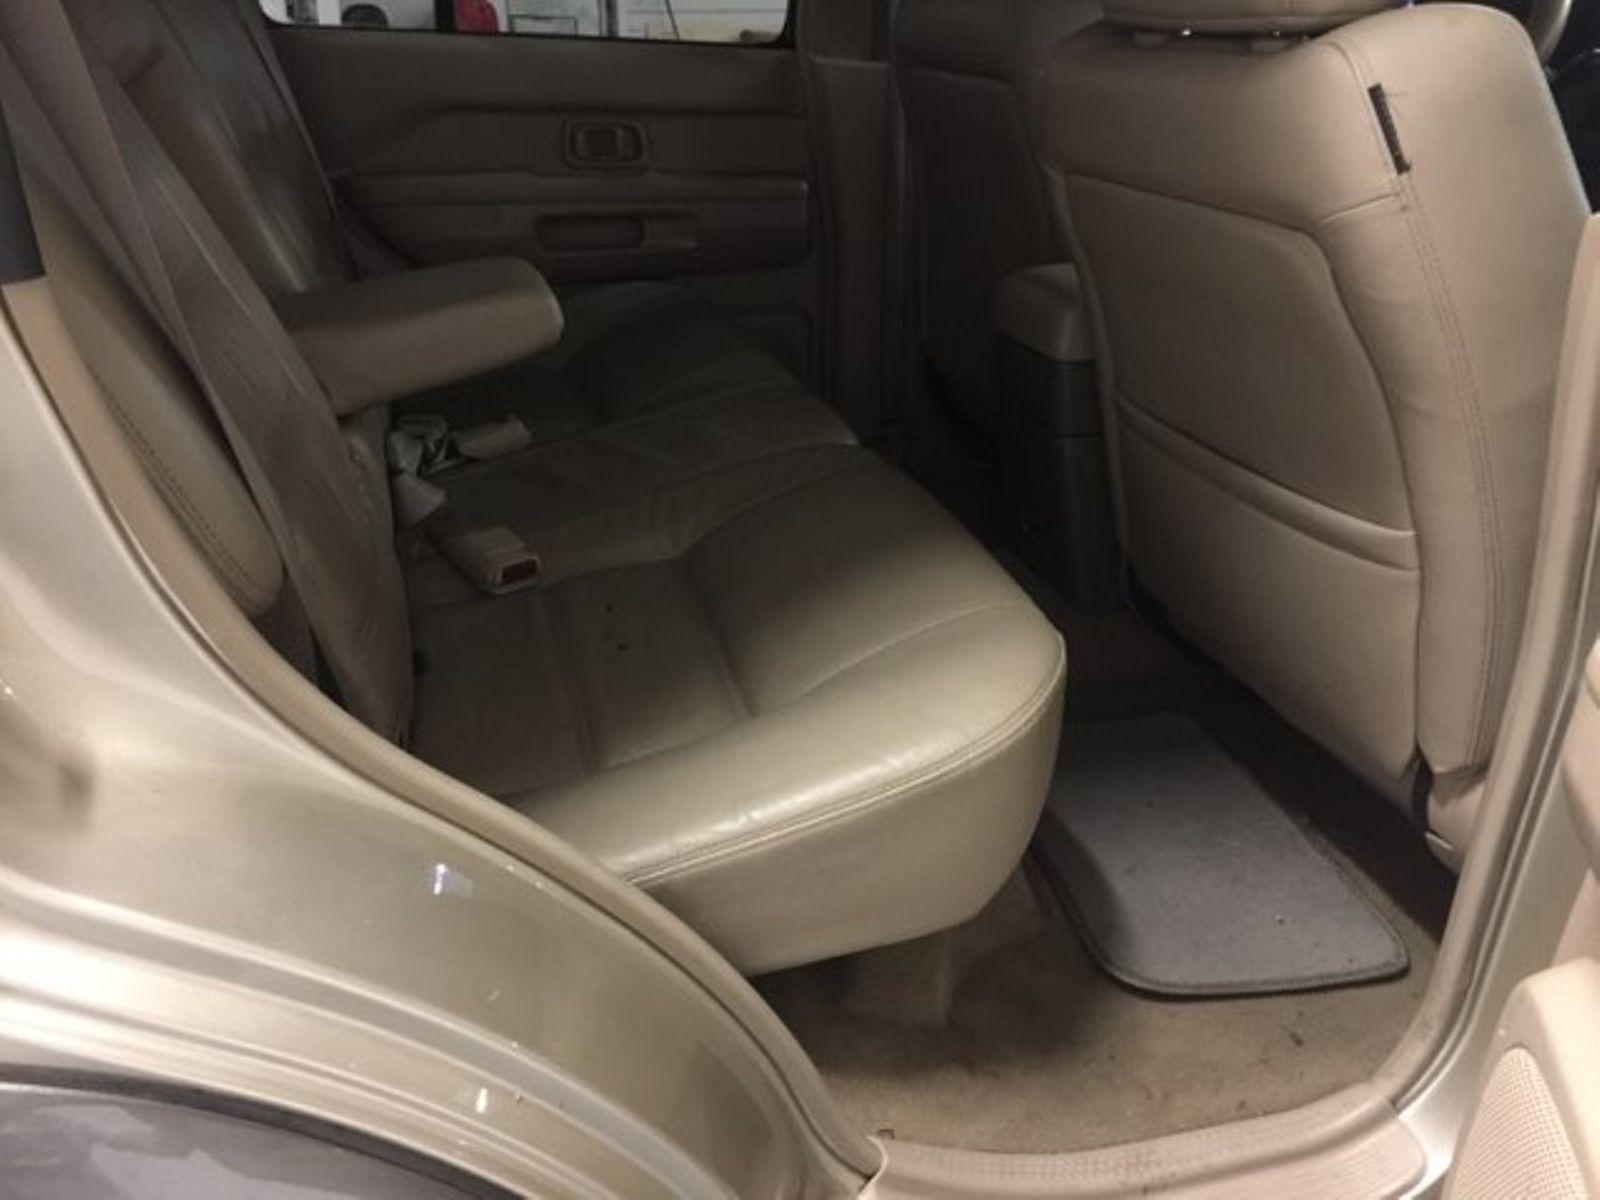 2001 Nissan Pathfinder SE LEATHER SUNROOF city Oklahoma Raven Auto Sales